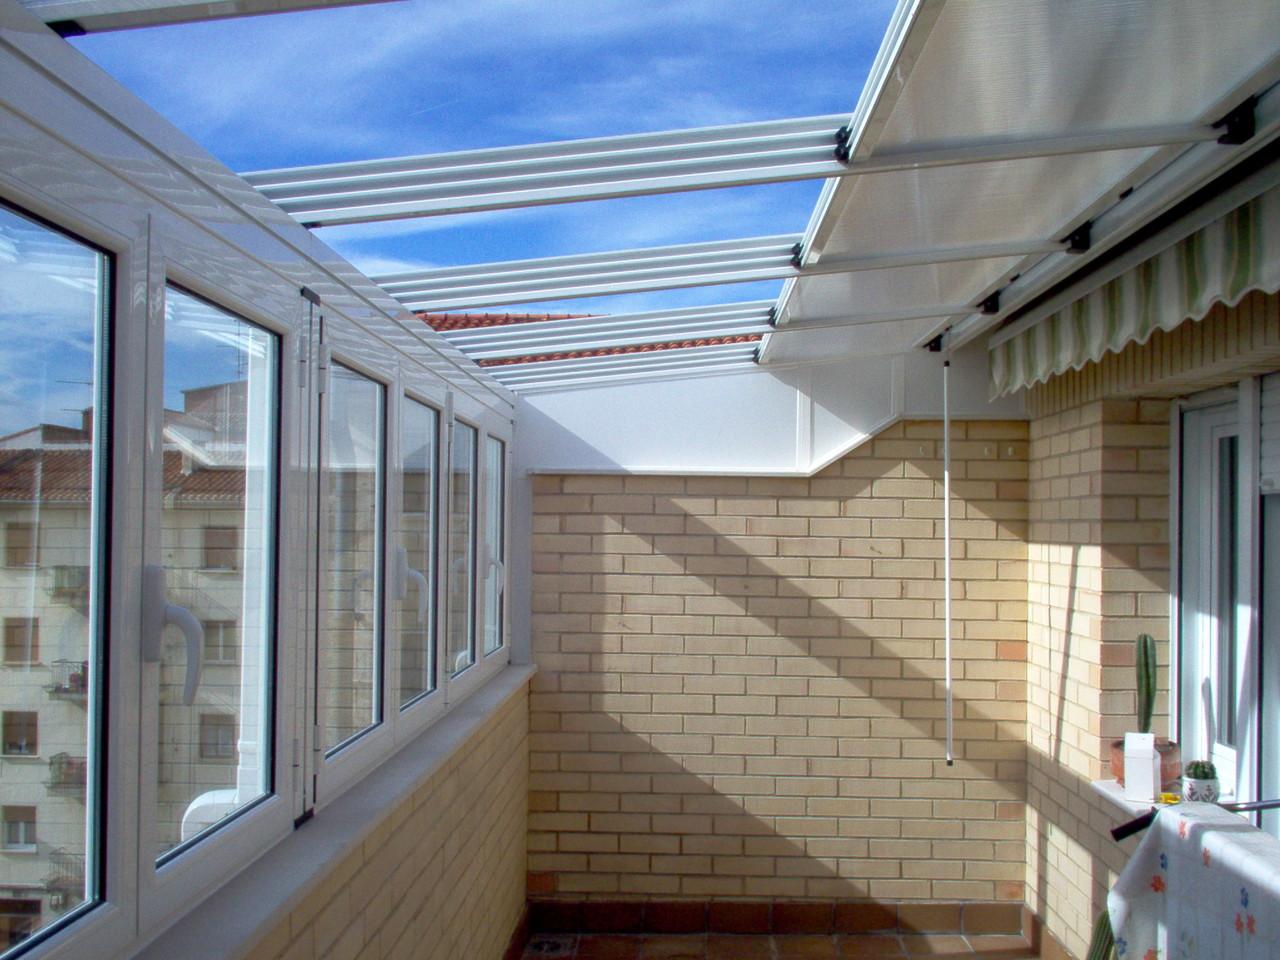 Techos moviles para patios best techos moviles with - Techos moviles para patios ...